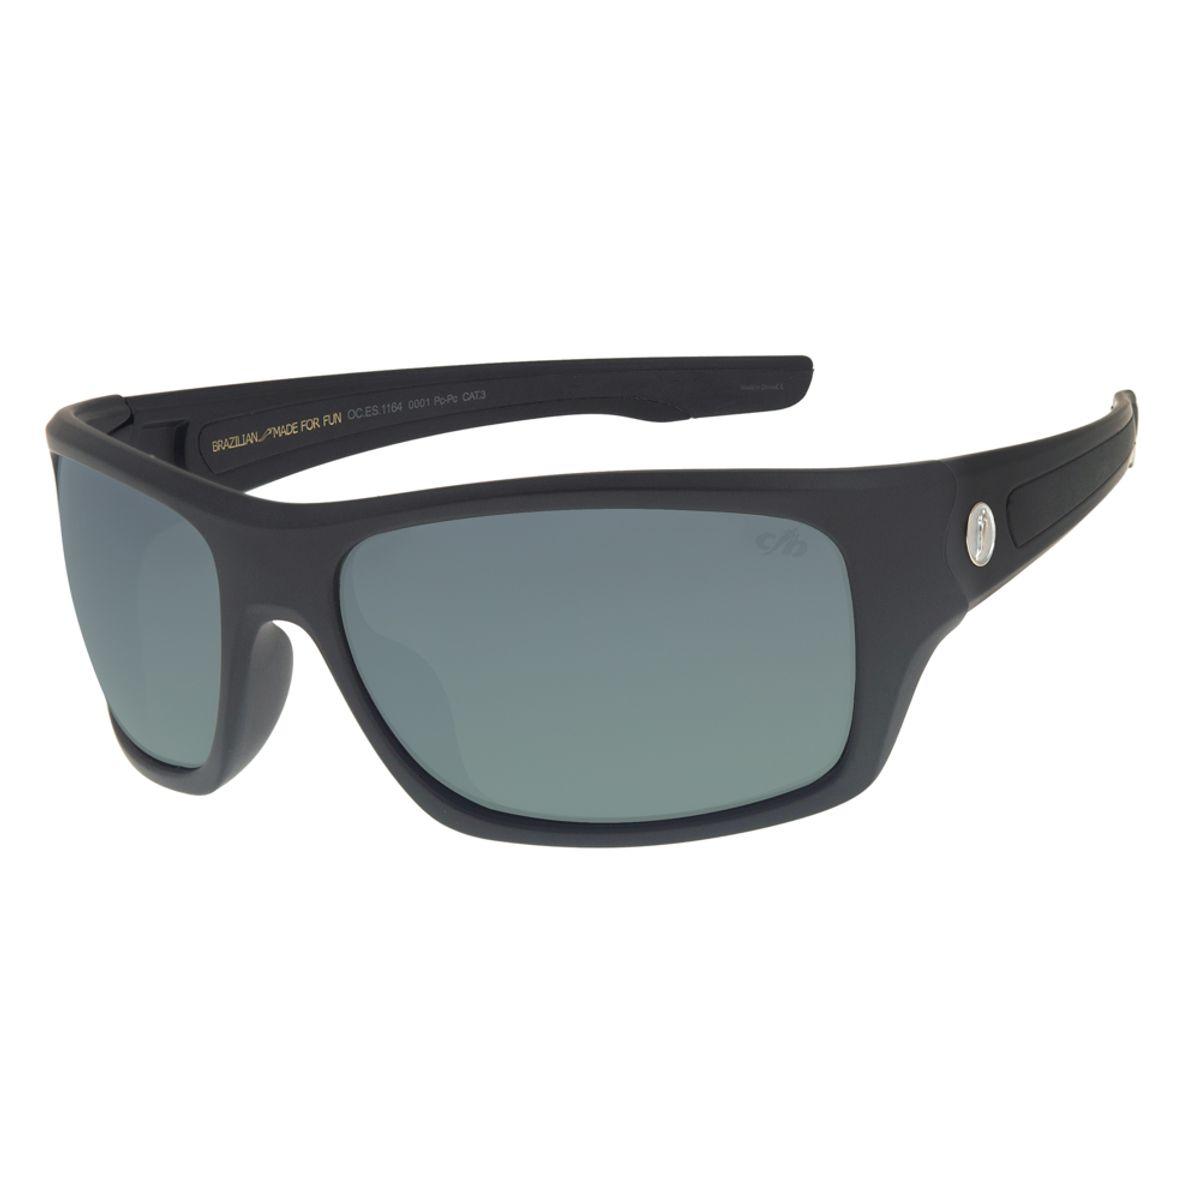 a97476eb8 Óculos de Sol Chilli Beans Masculino Esportivo Preto - Chilli Beans